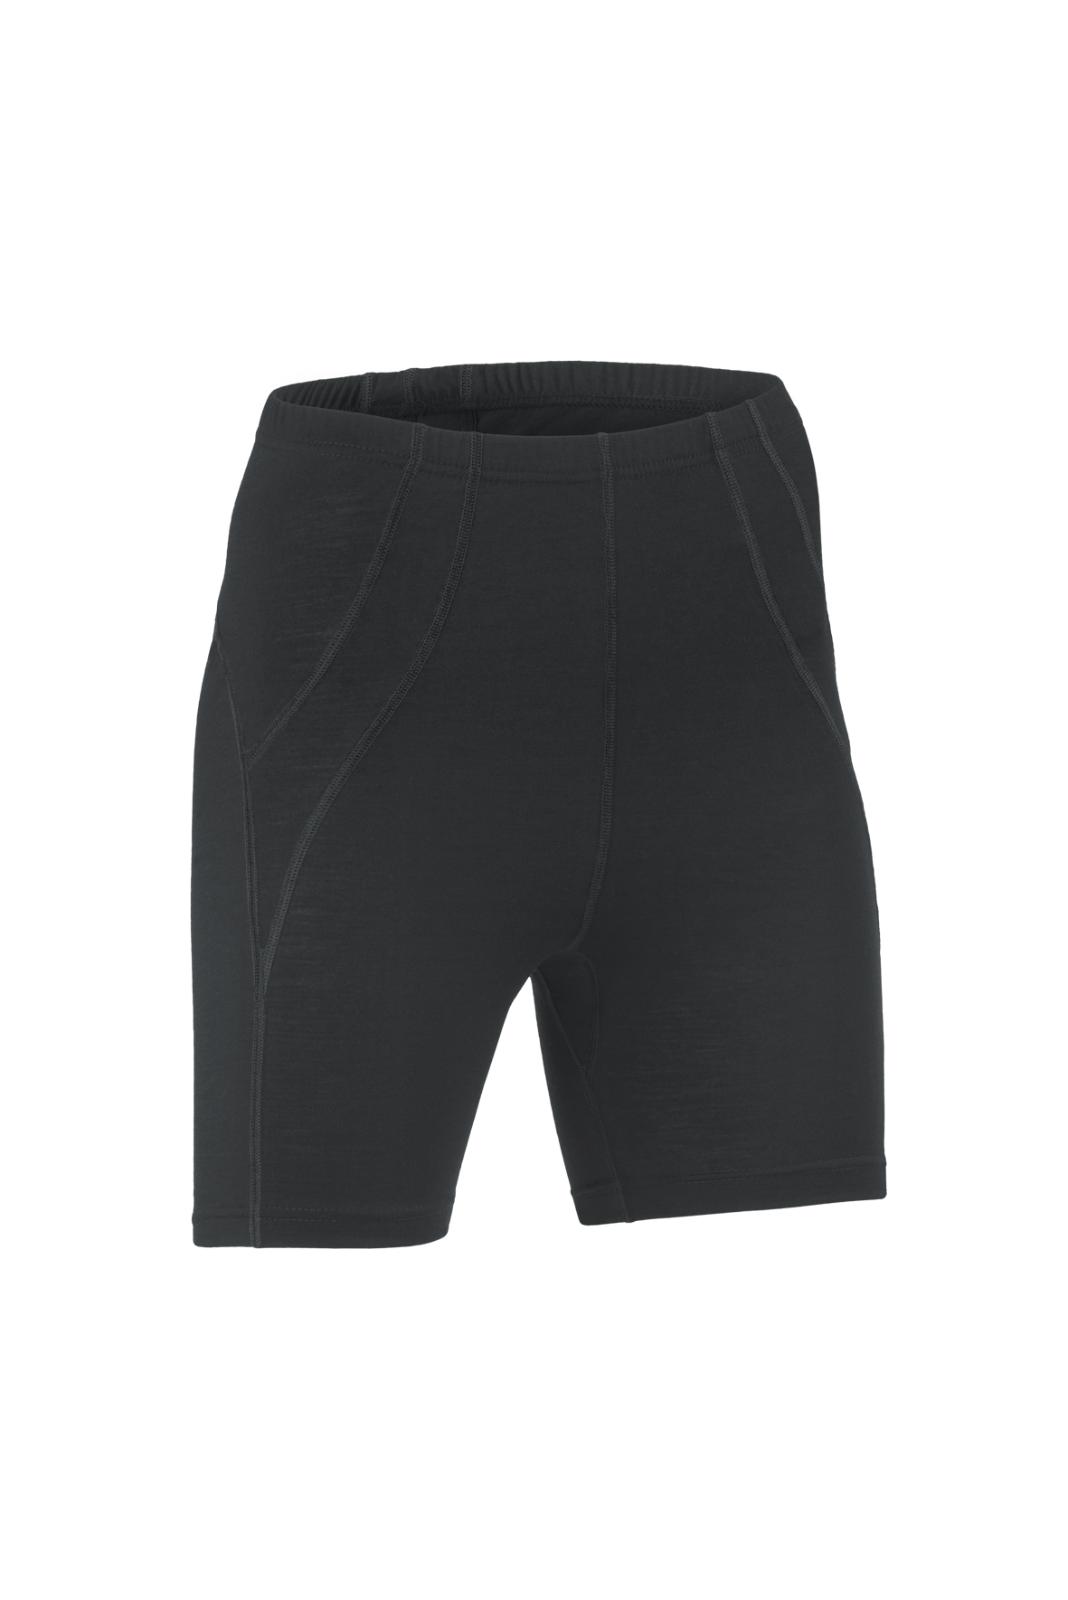 Engel Sports Herren Radler Shorts ESM200204740 GOTS zertifiziert Funktionswäsche